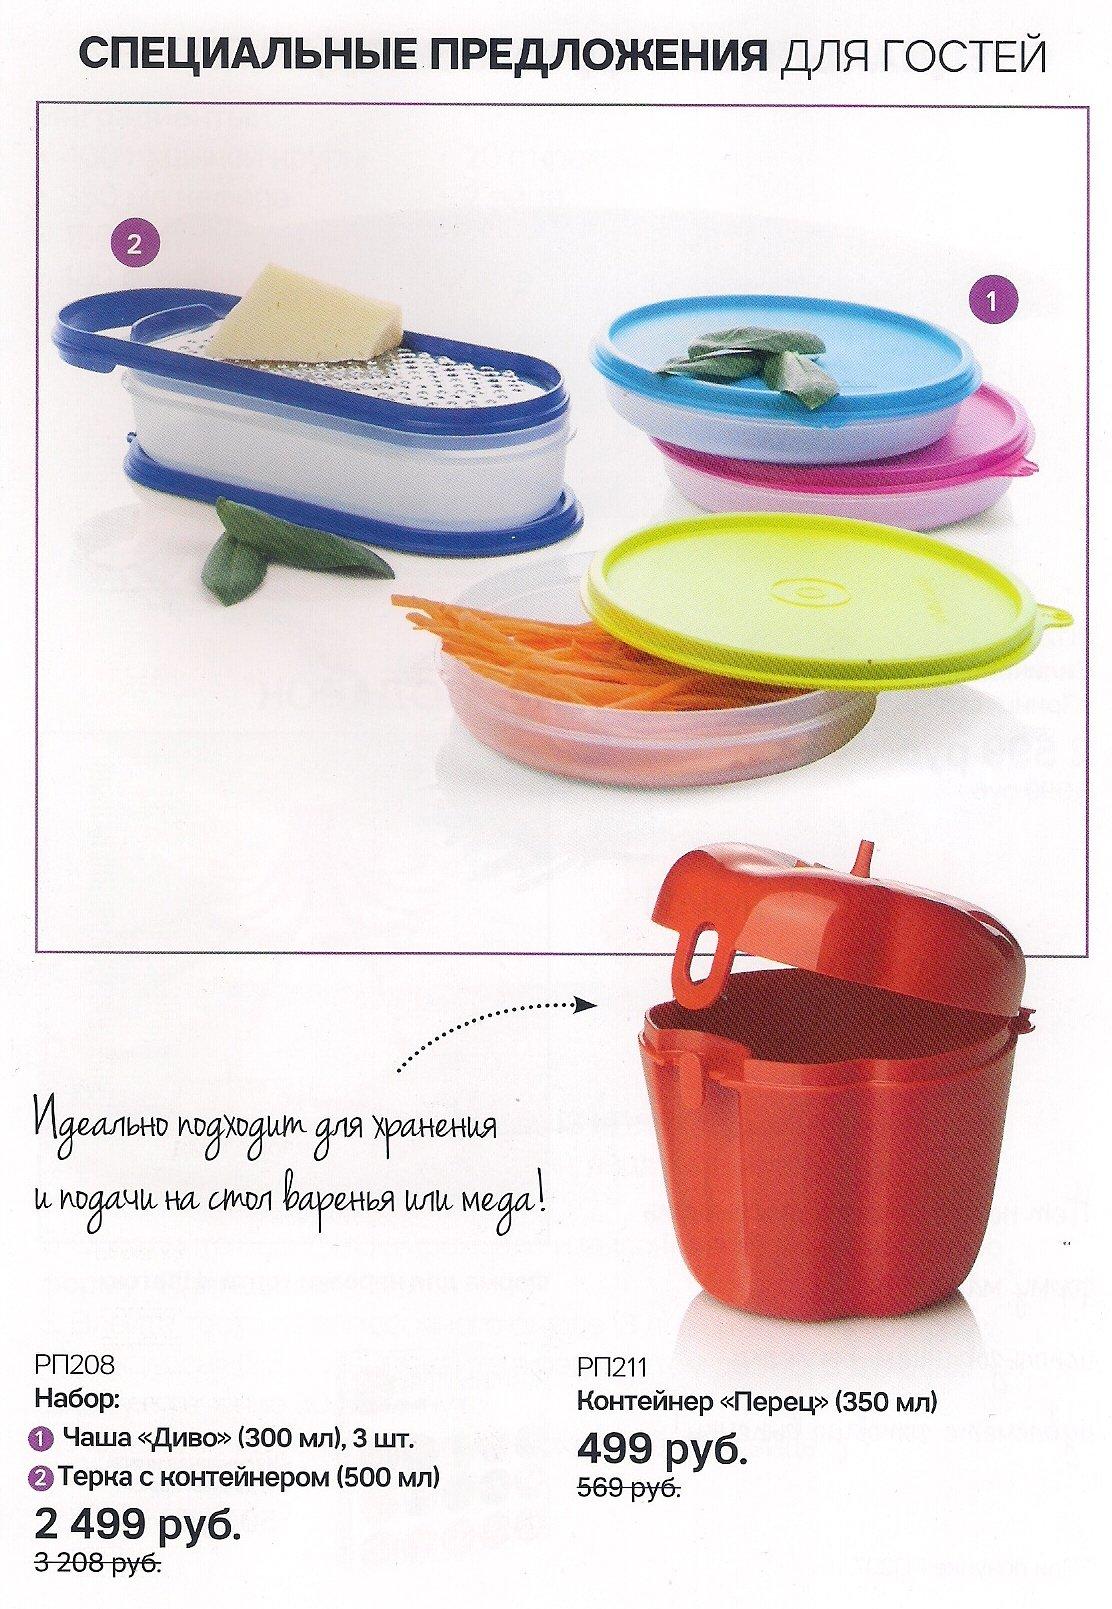 http://tupperware-online.ru/images/upload/s10.jpg